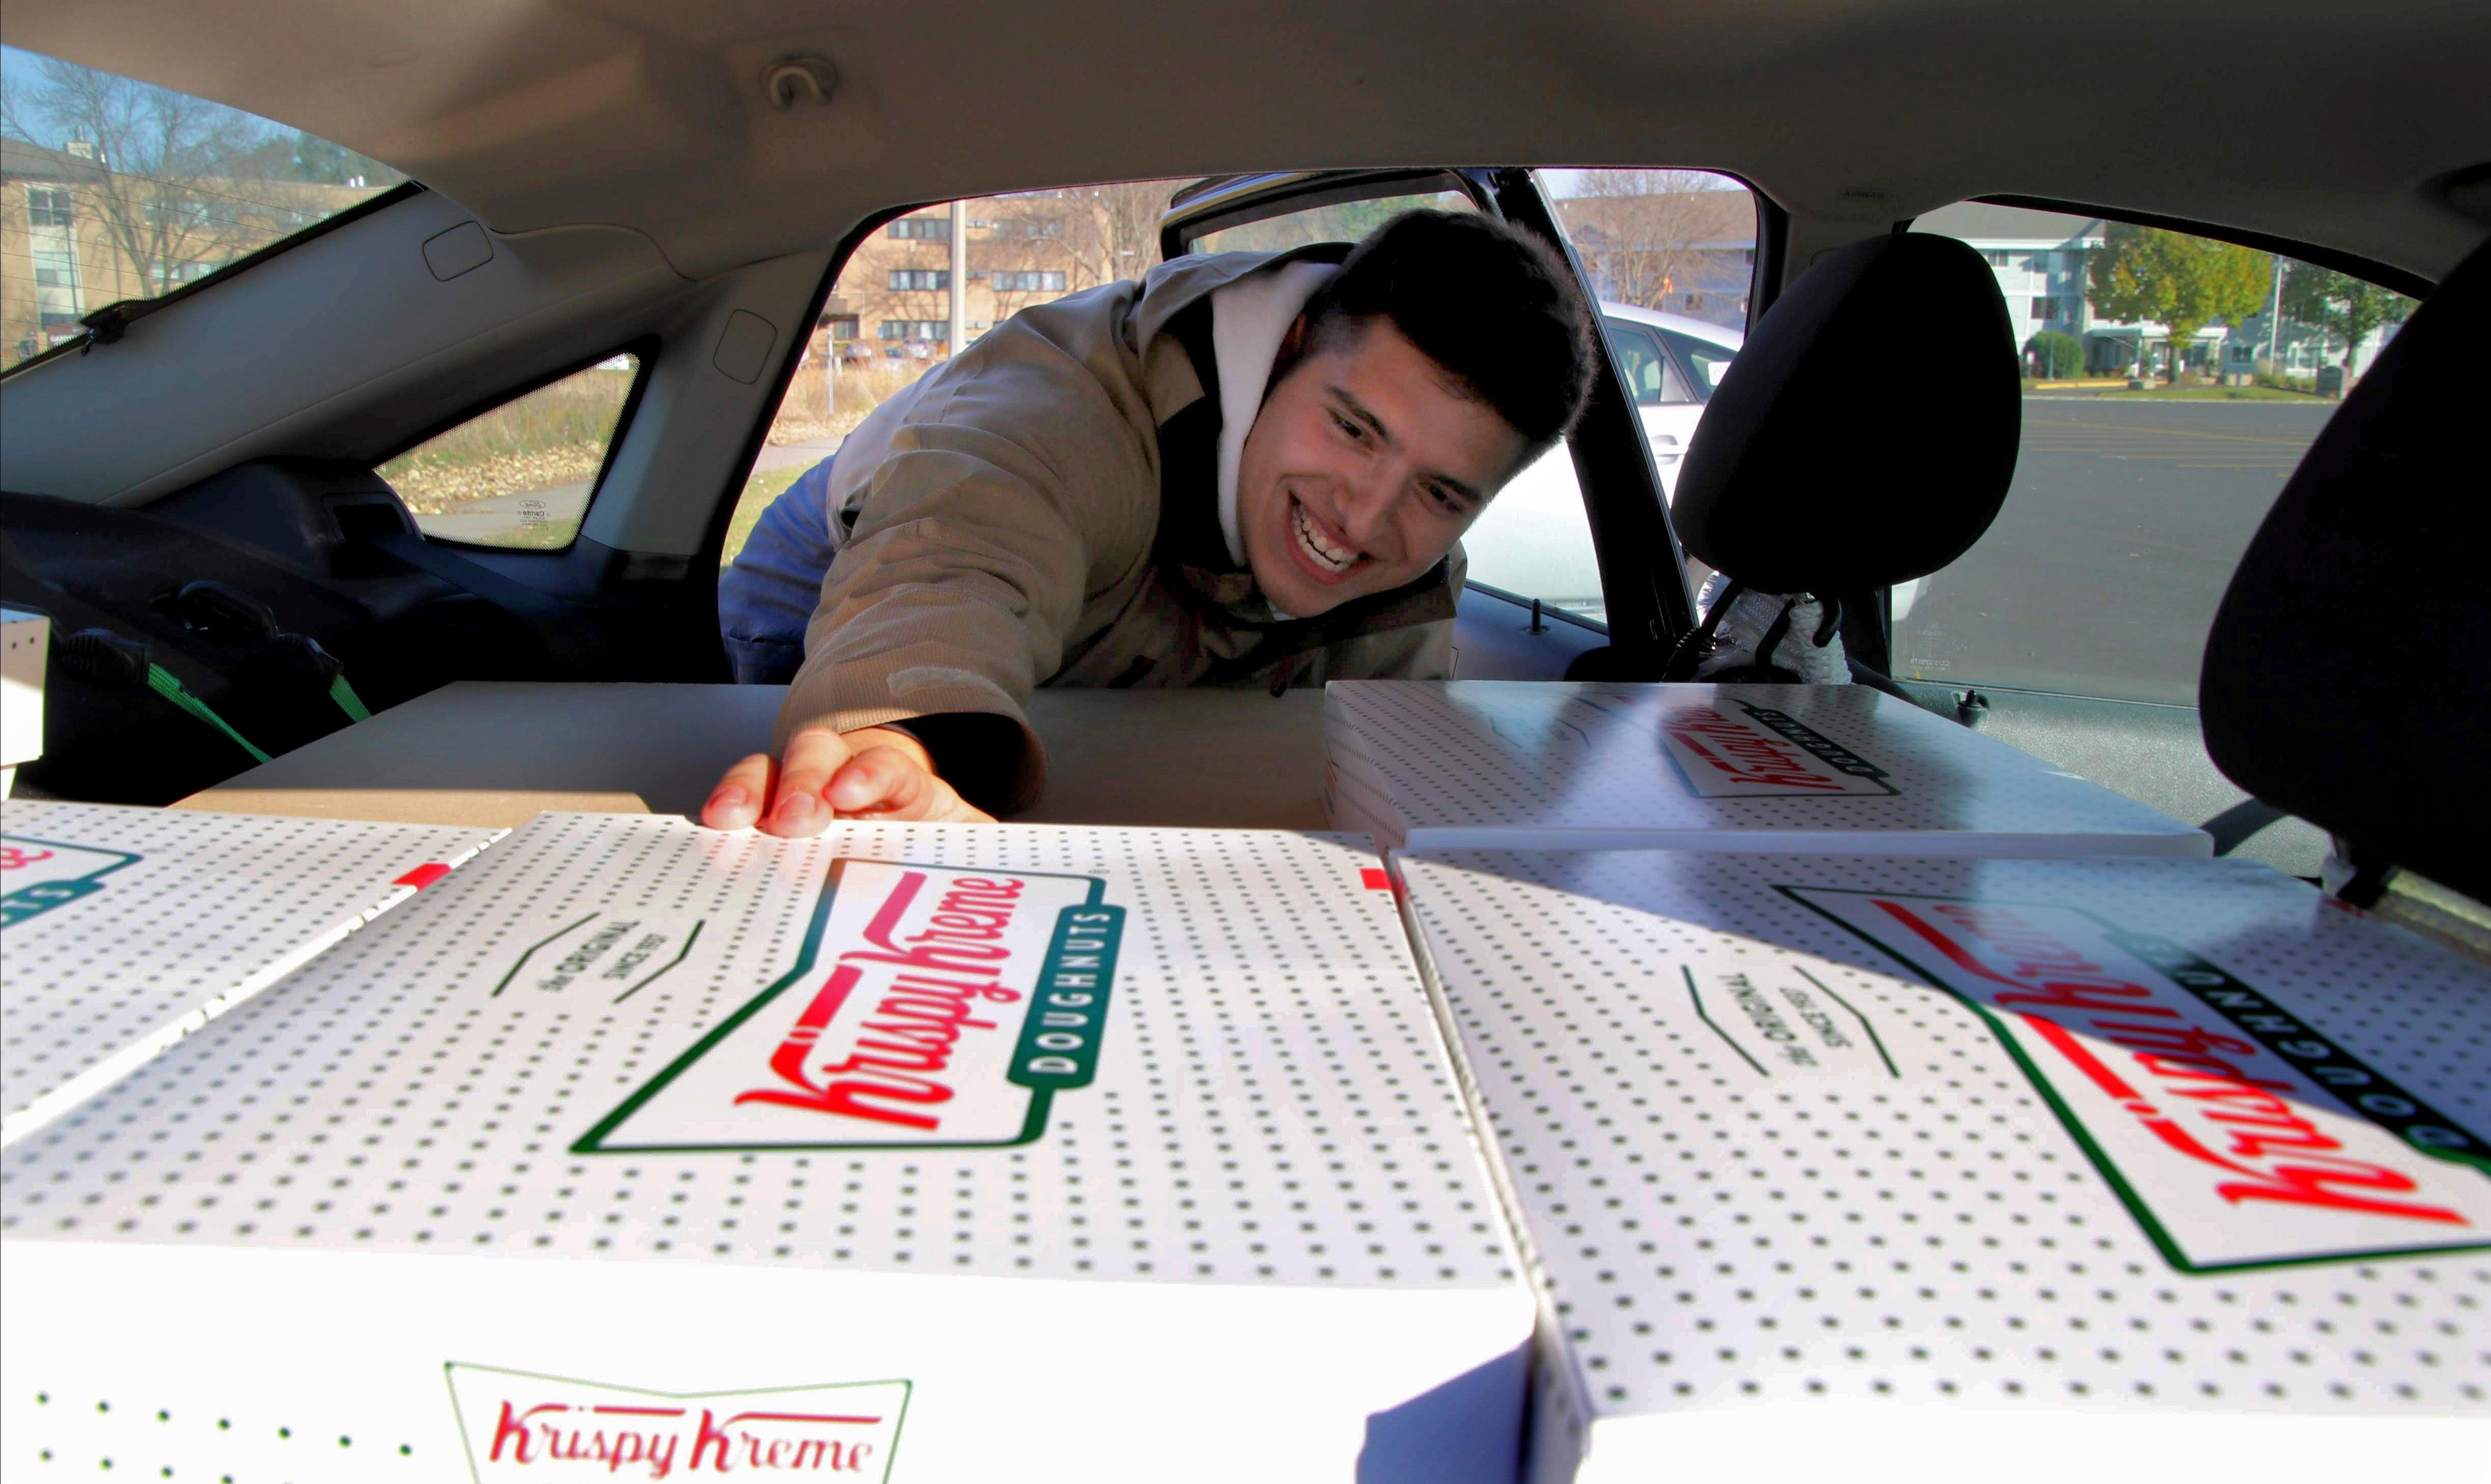 Knusprig-cremigen Bestellungen Minnesota student, gekauft, weiterverkauft Donuts zu 'shut-down-Operationen